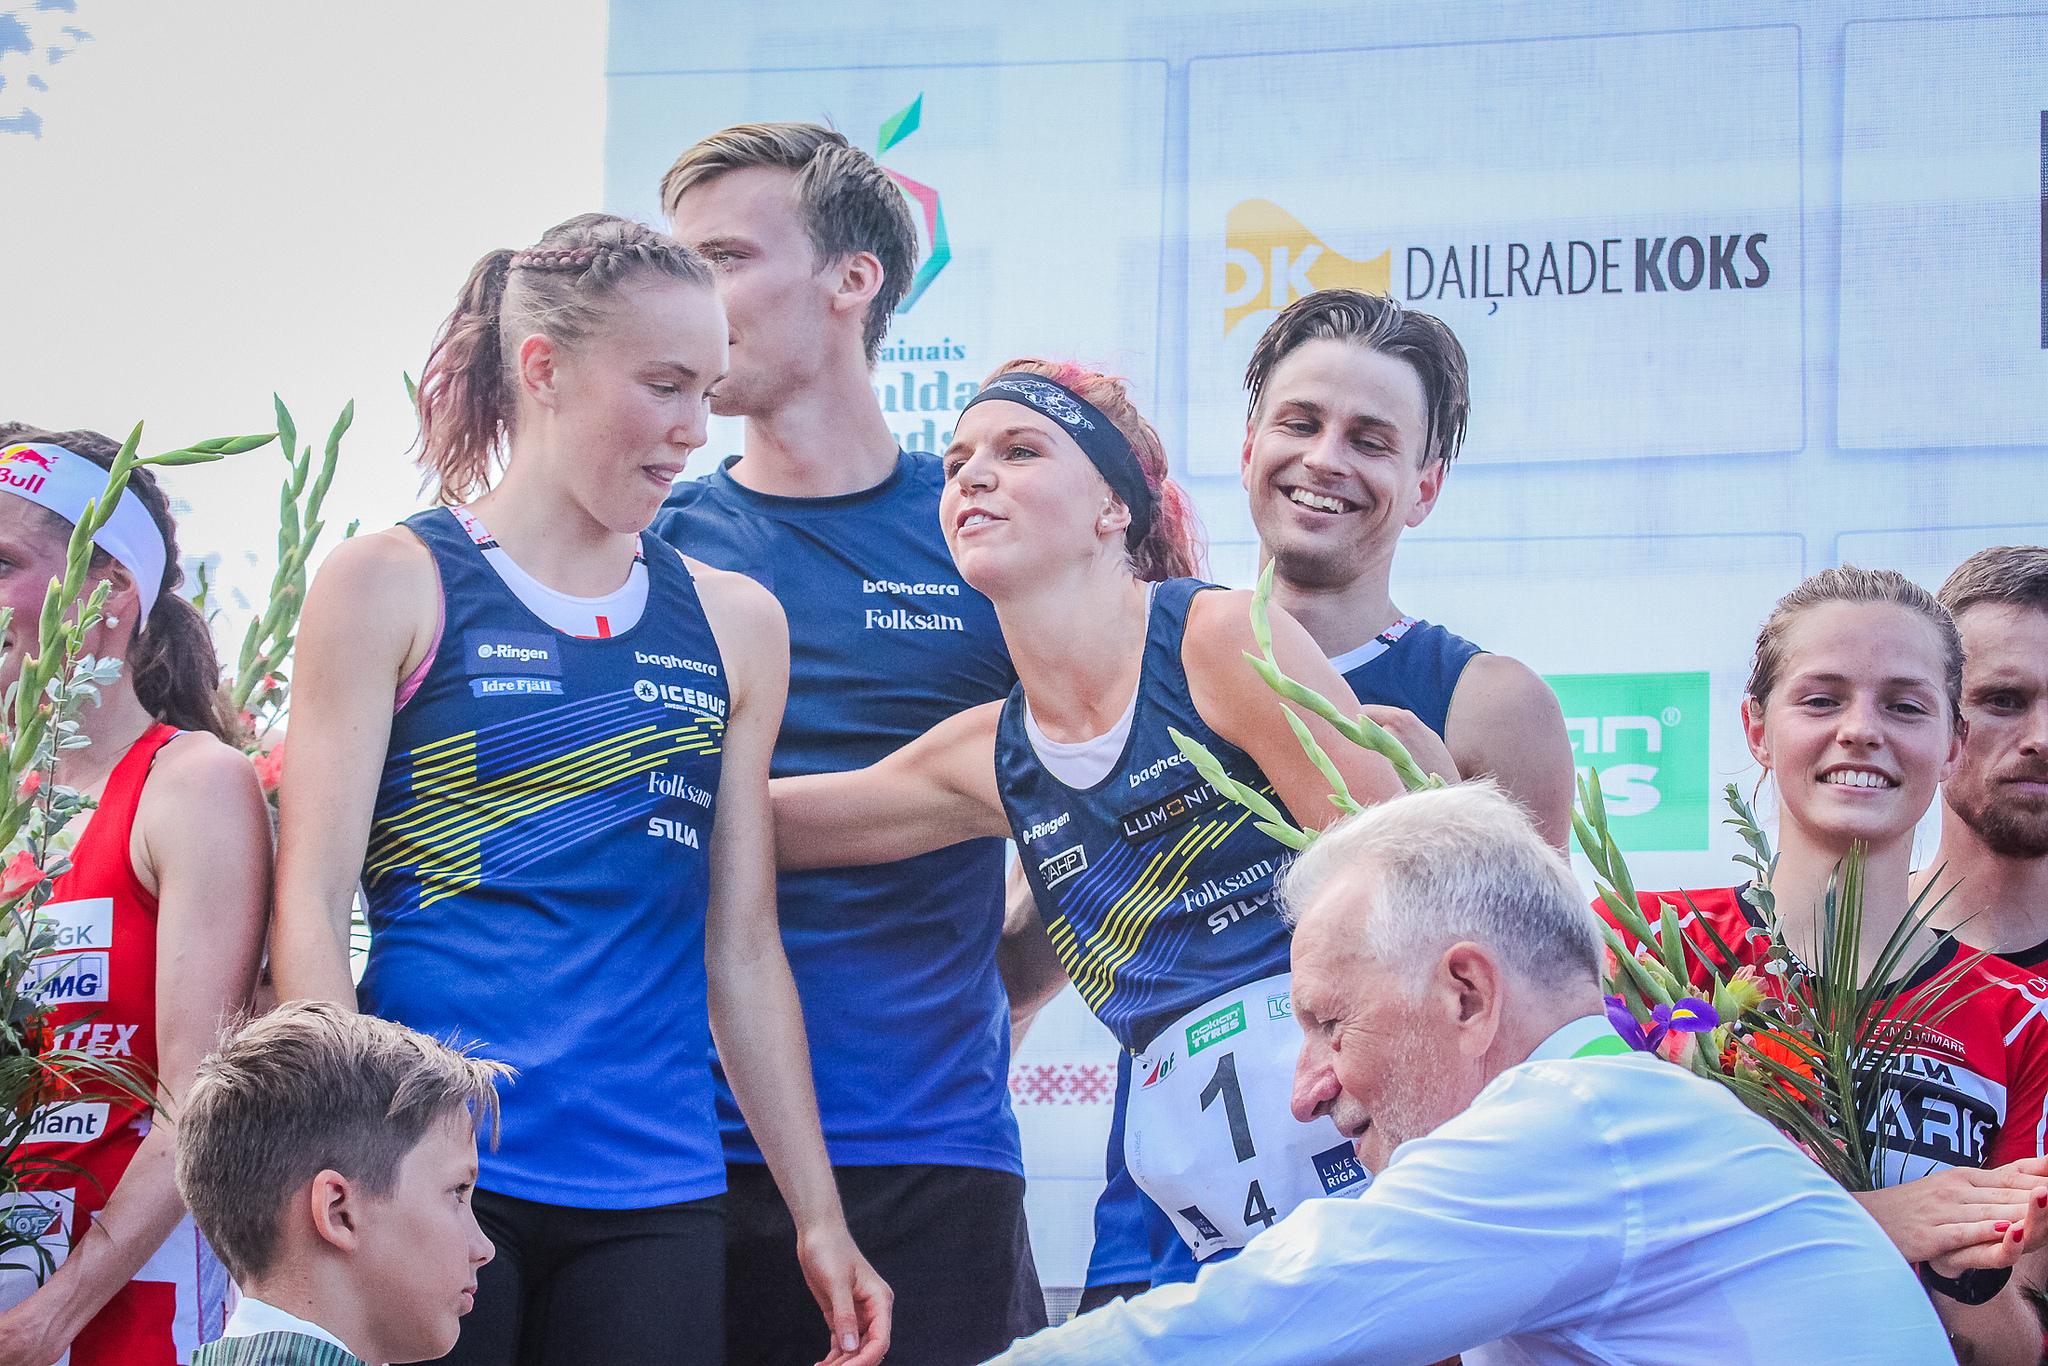 Швеция -победител в спринтовата щафета на световното първенство по ориентиране 2018